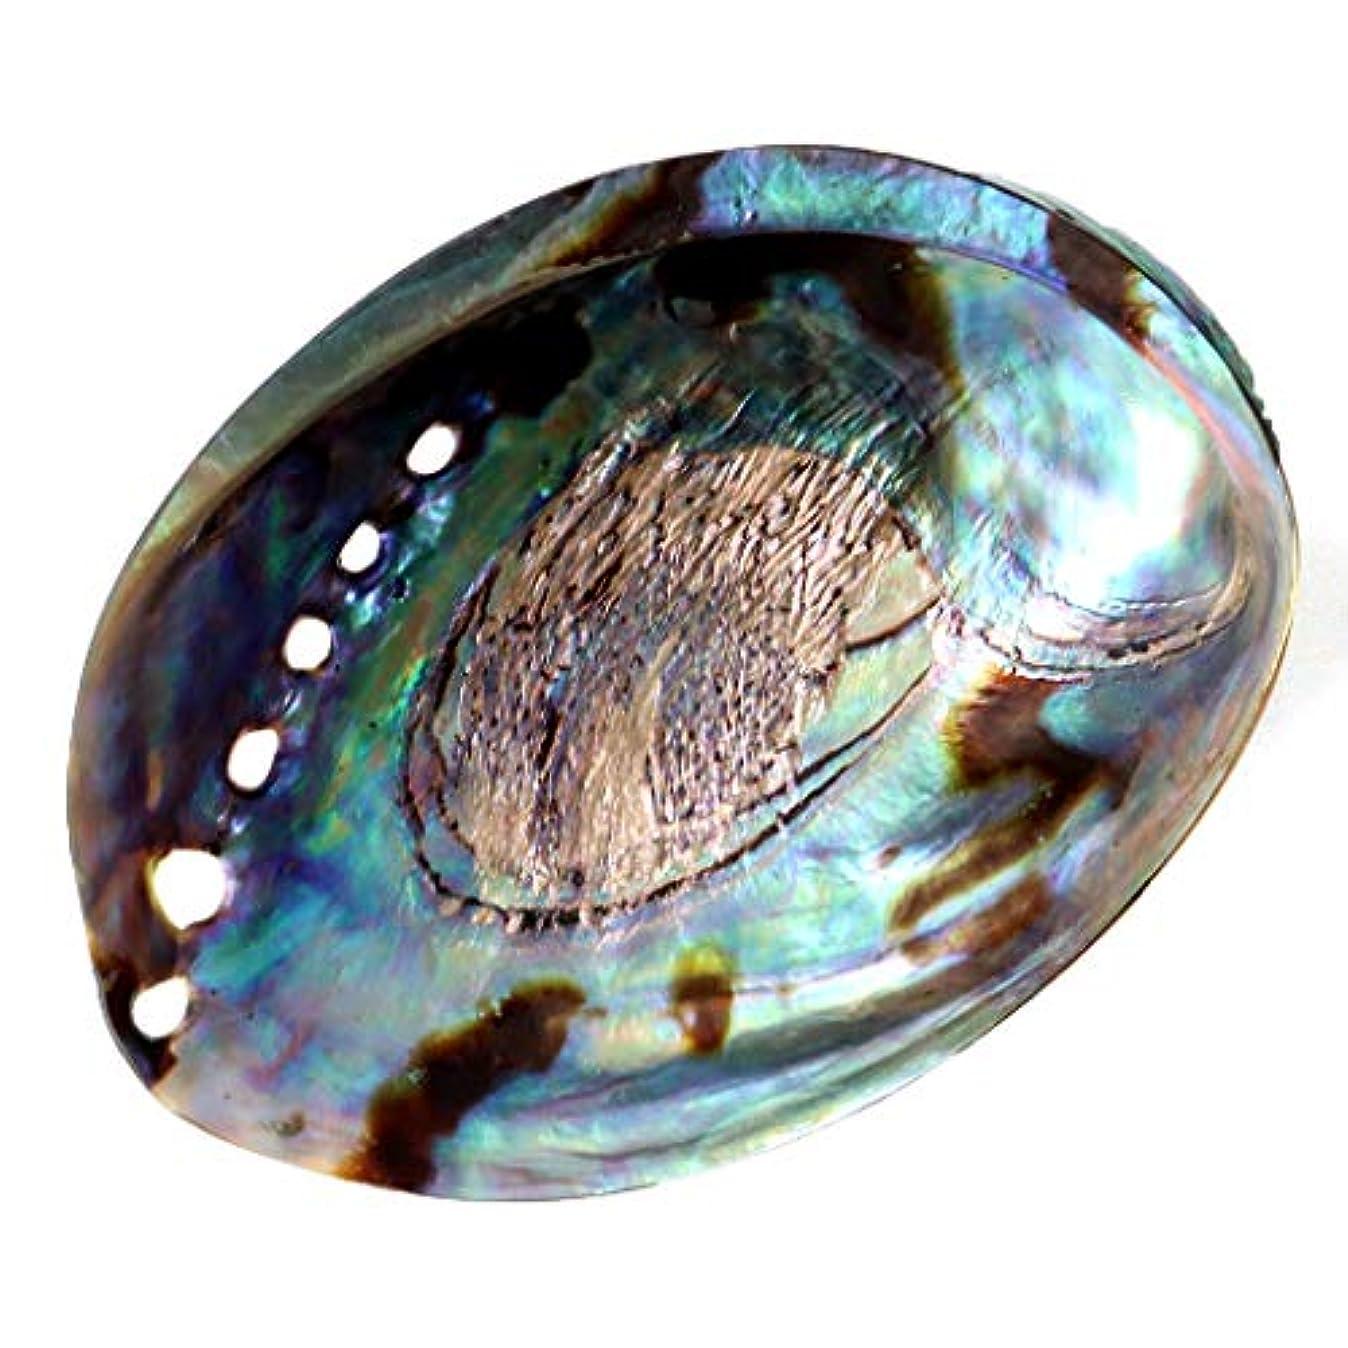 なにダウン現金アバロンシェル ホワイトセージの浄化皿 パウアシェル 貝殻 ニュージーランド産